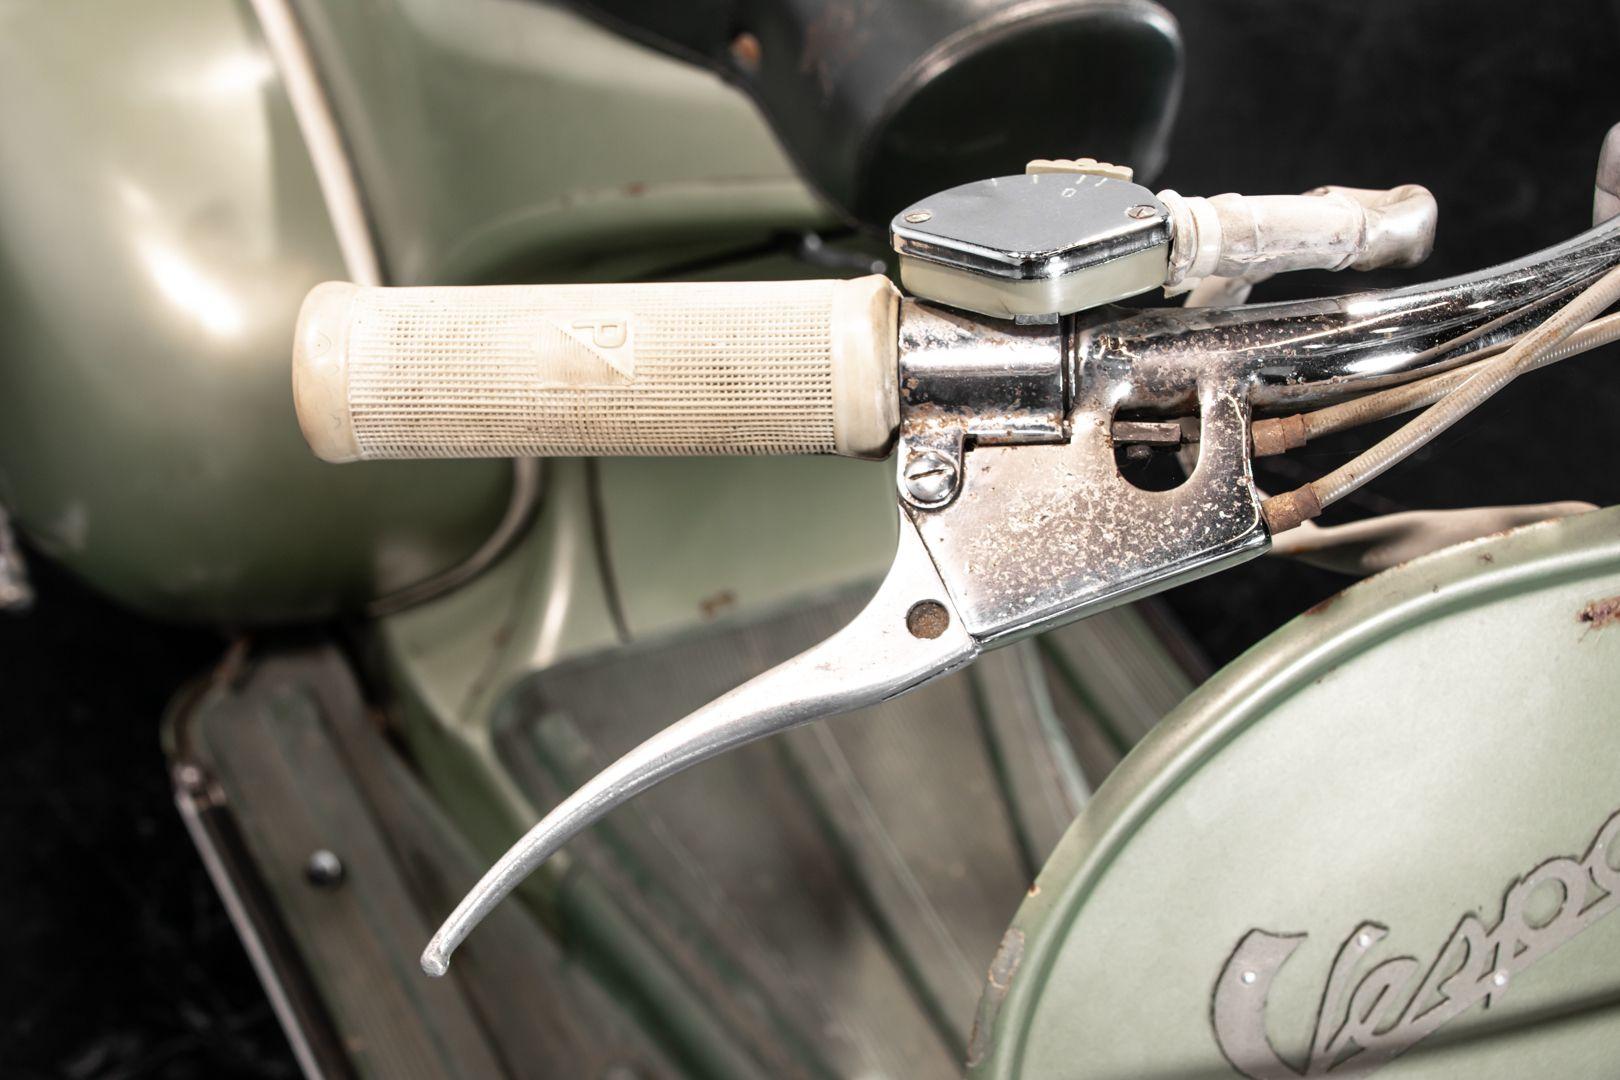 1951 Piaggio Vespa 125 51 V31 80386